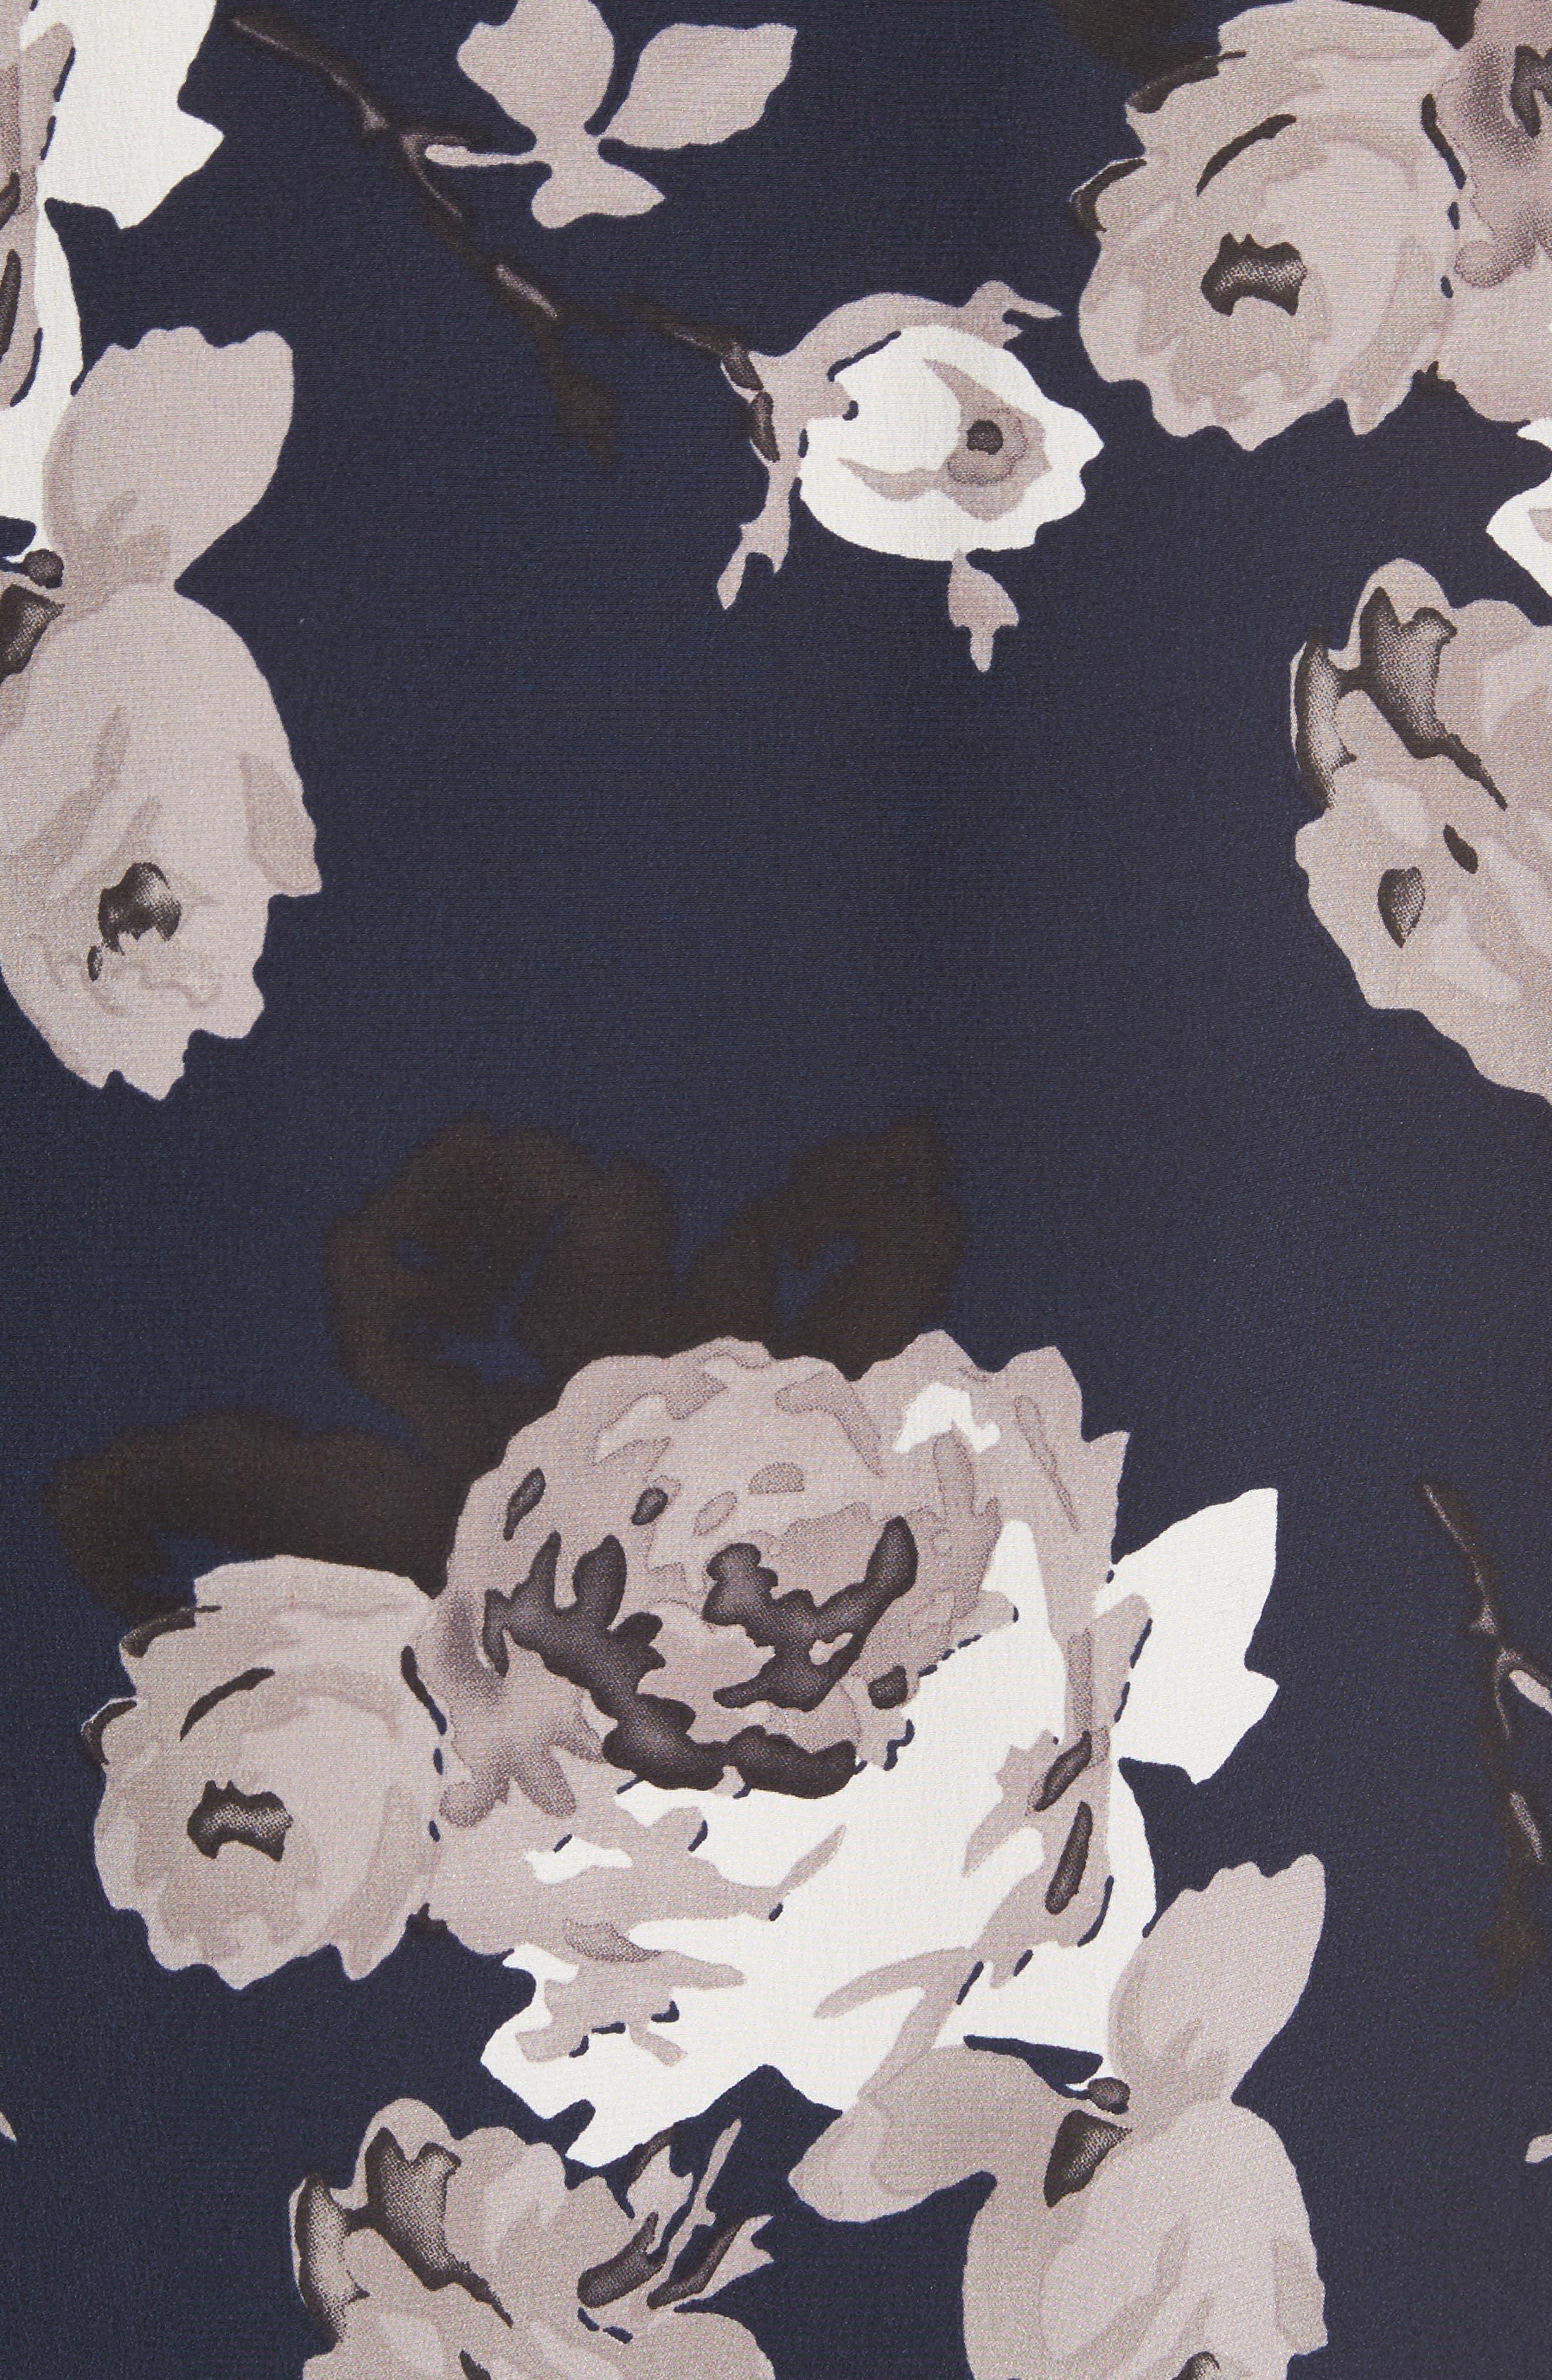 Antazie Floral Crêpe de Chine Top,                             Alternate thumbnail 5, color,                             473